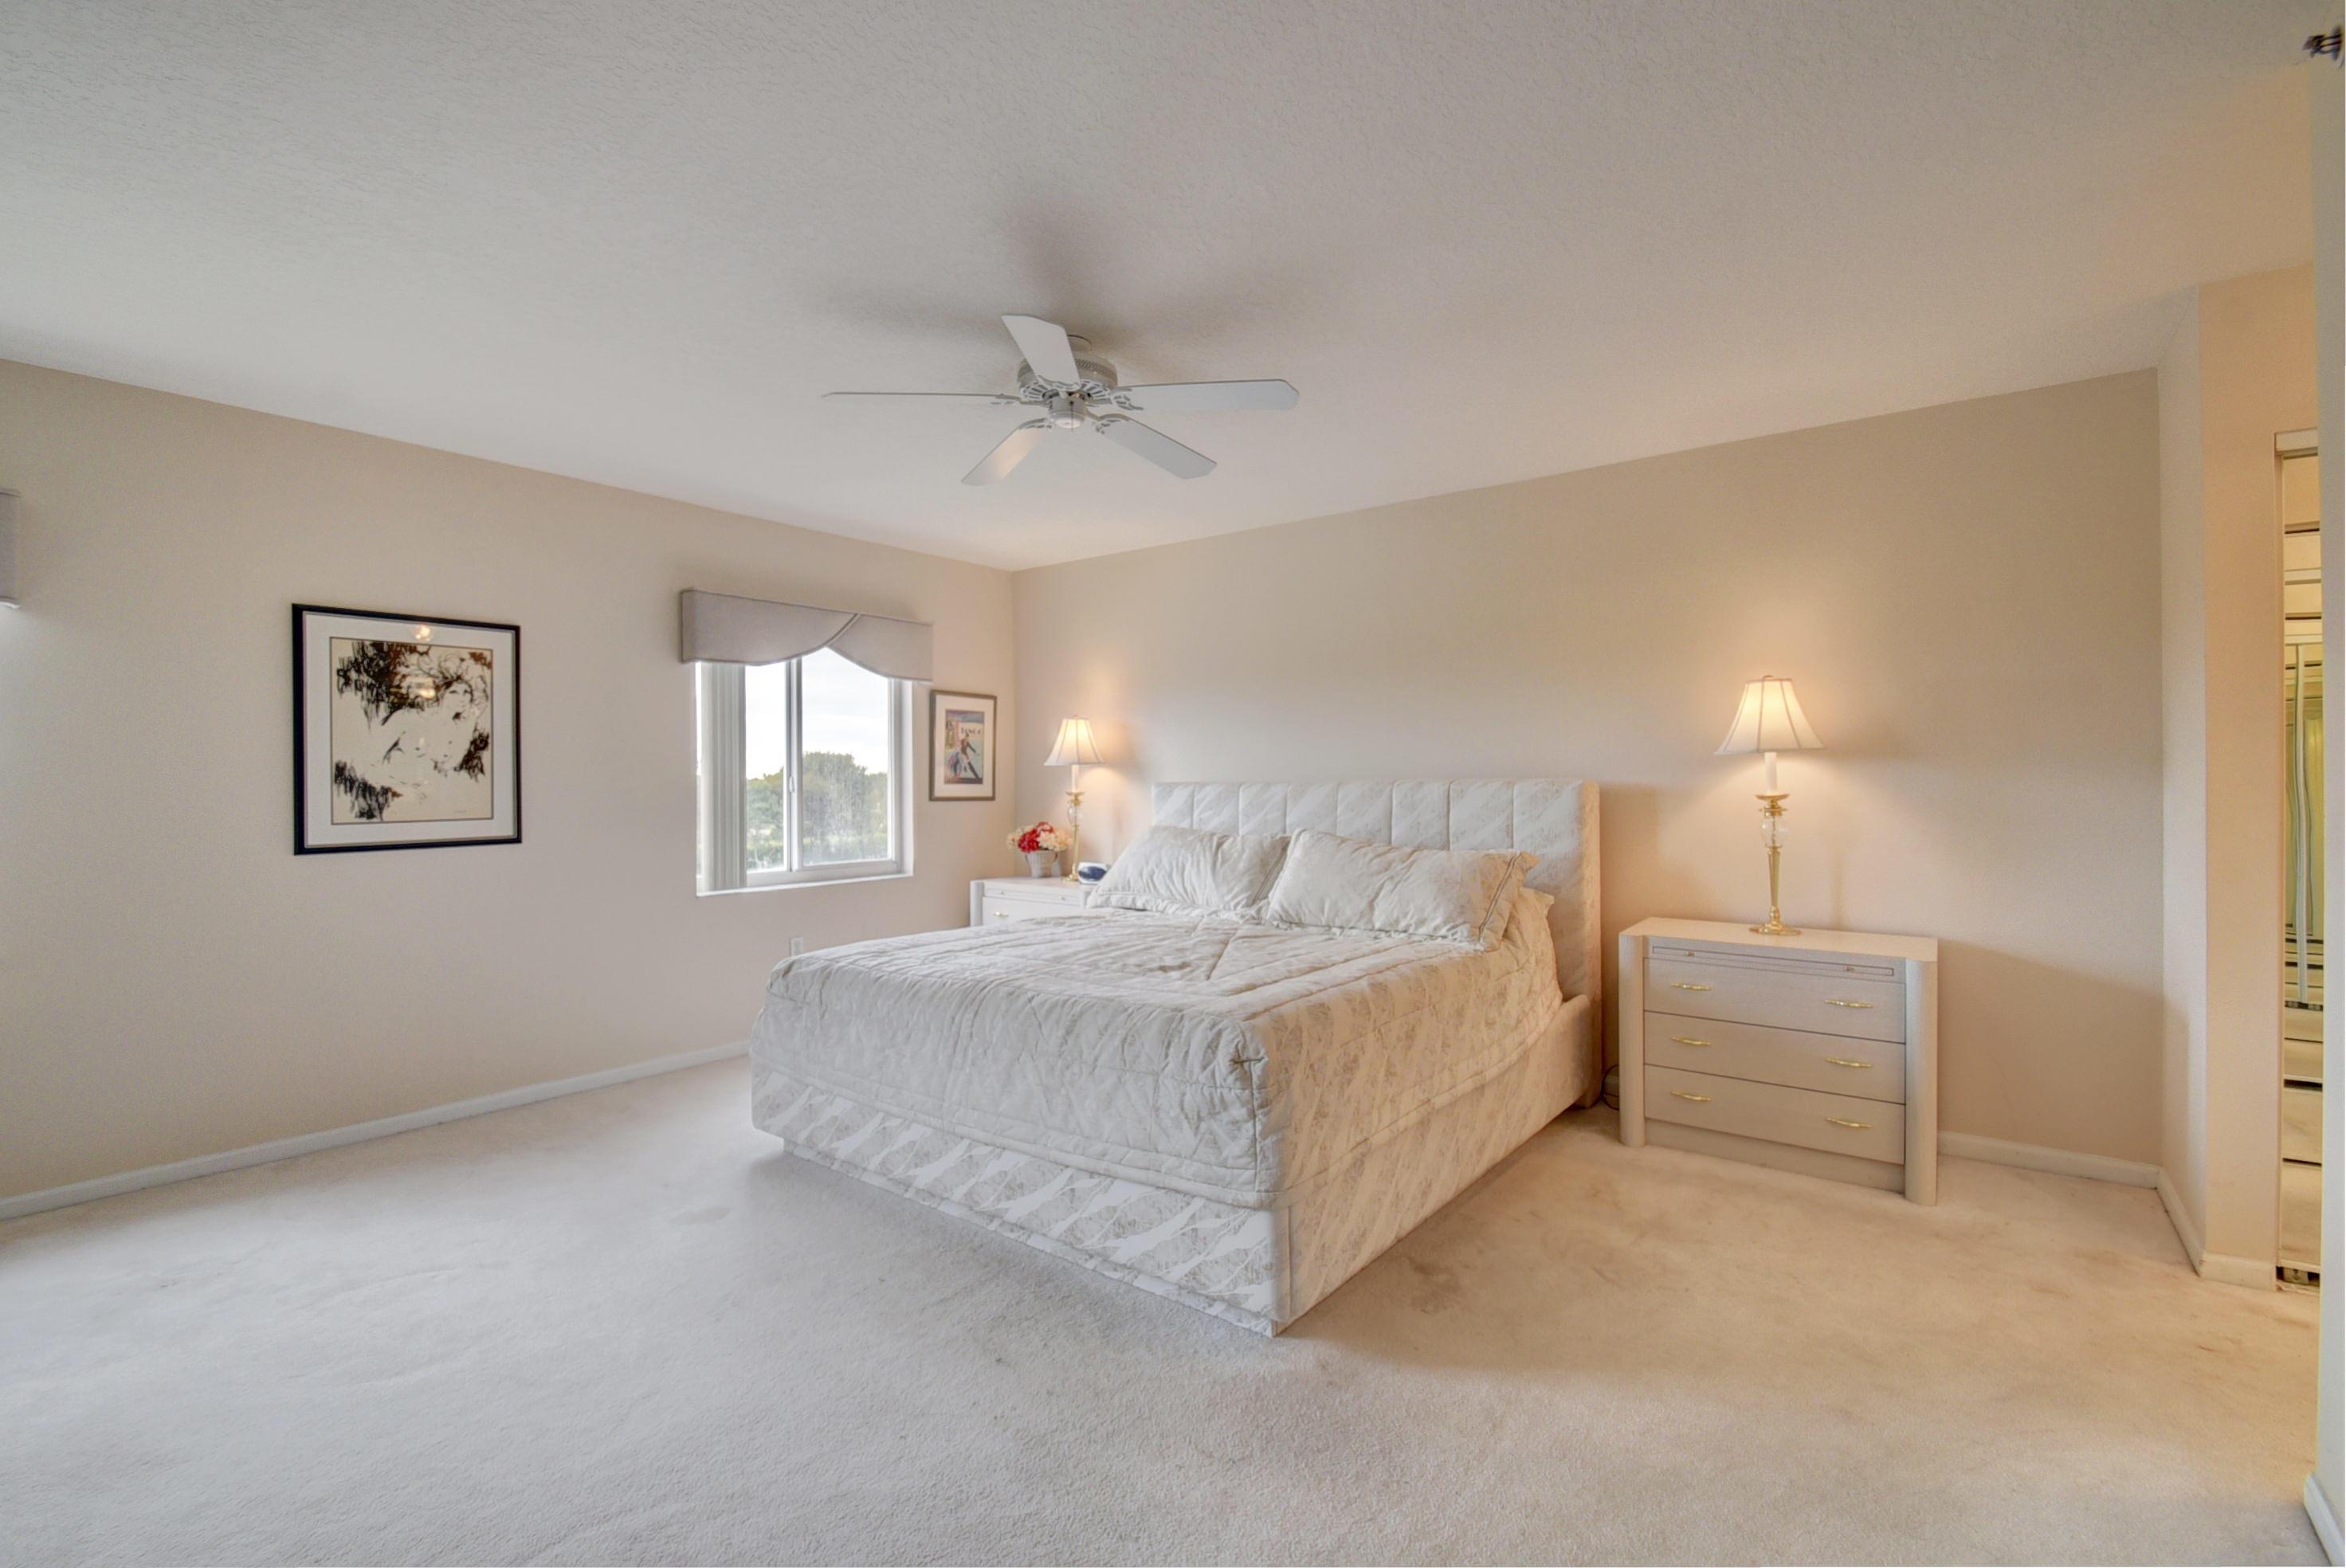 5874 Crystal Shores Drive 403 Boynton Beach, FL 33437 photo 13